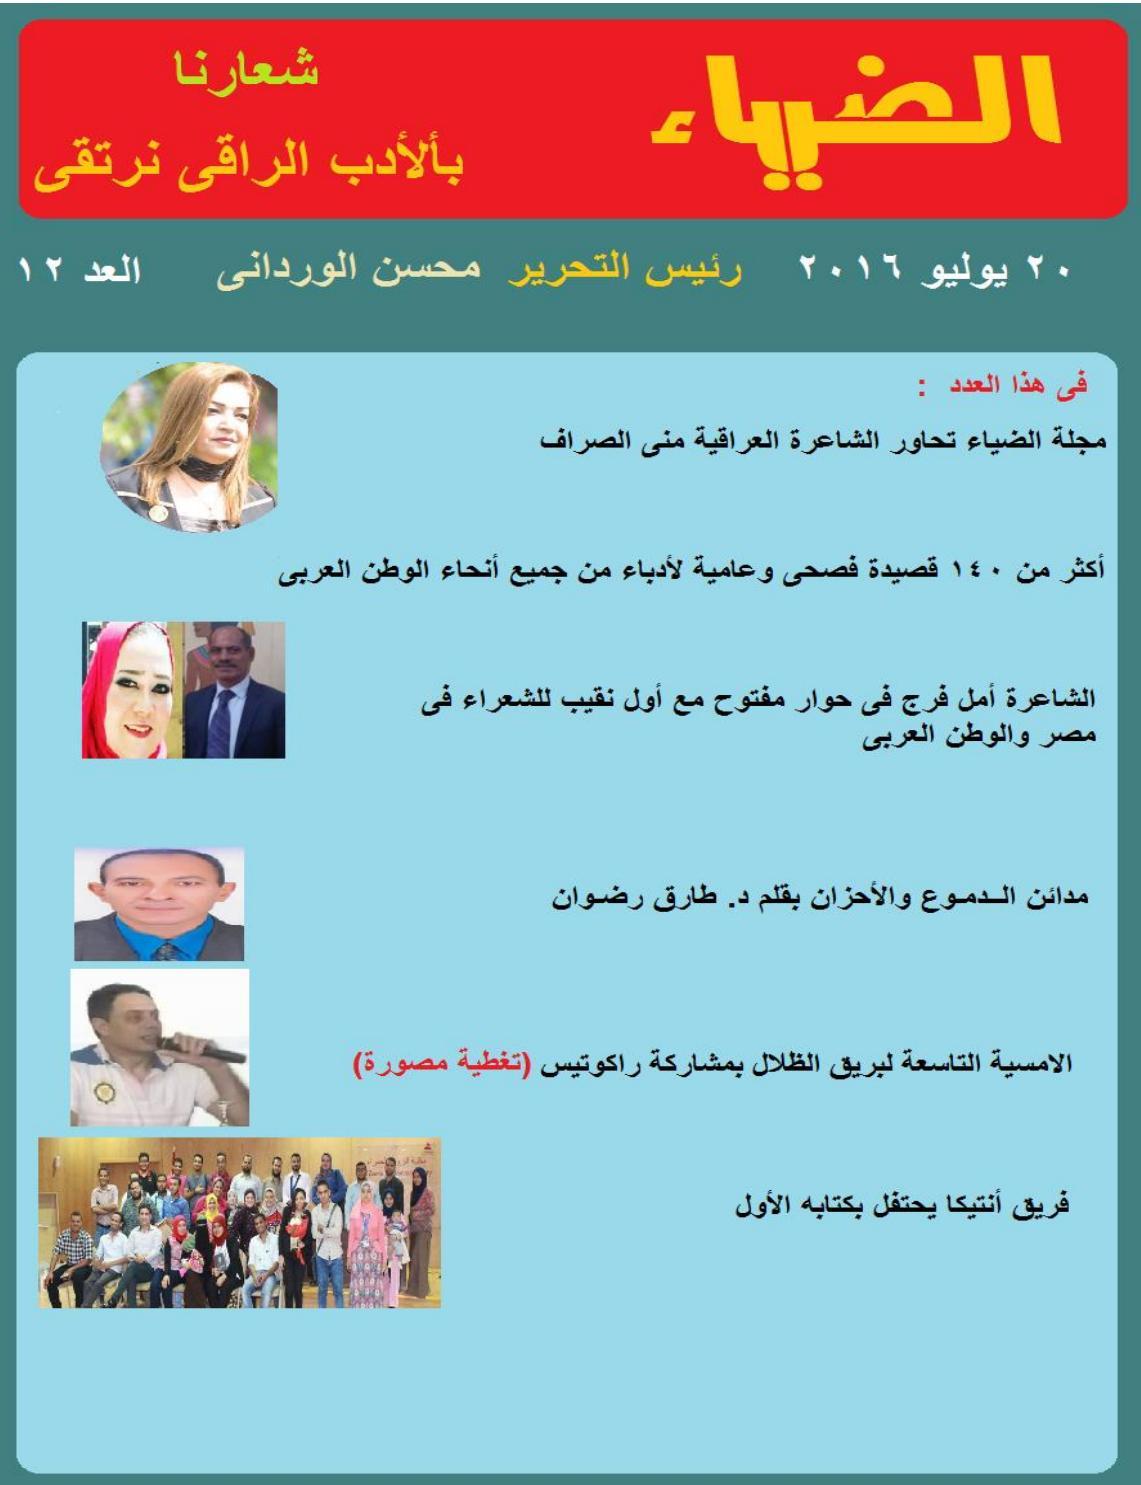 ac7775400 العدد الثانى عشر من مجلة الضياء by مجلة الضياء .رئيس التحرير محسن الوردانى  - issuu